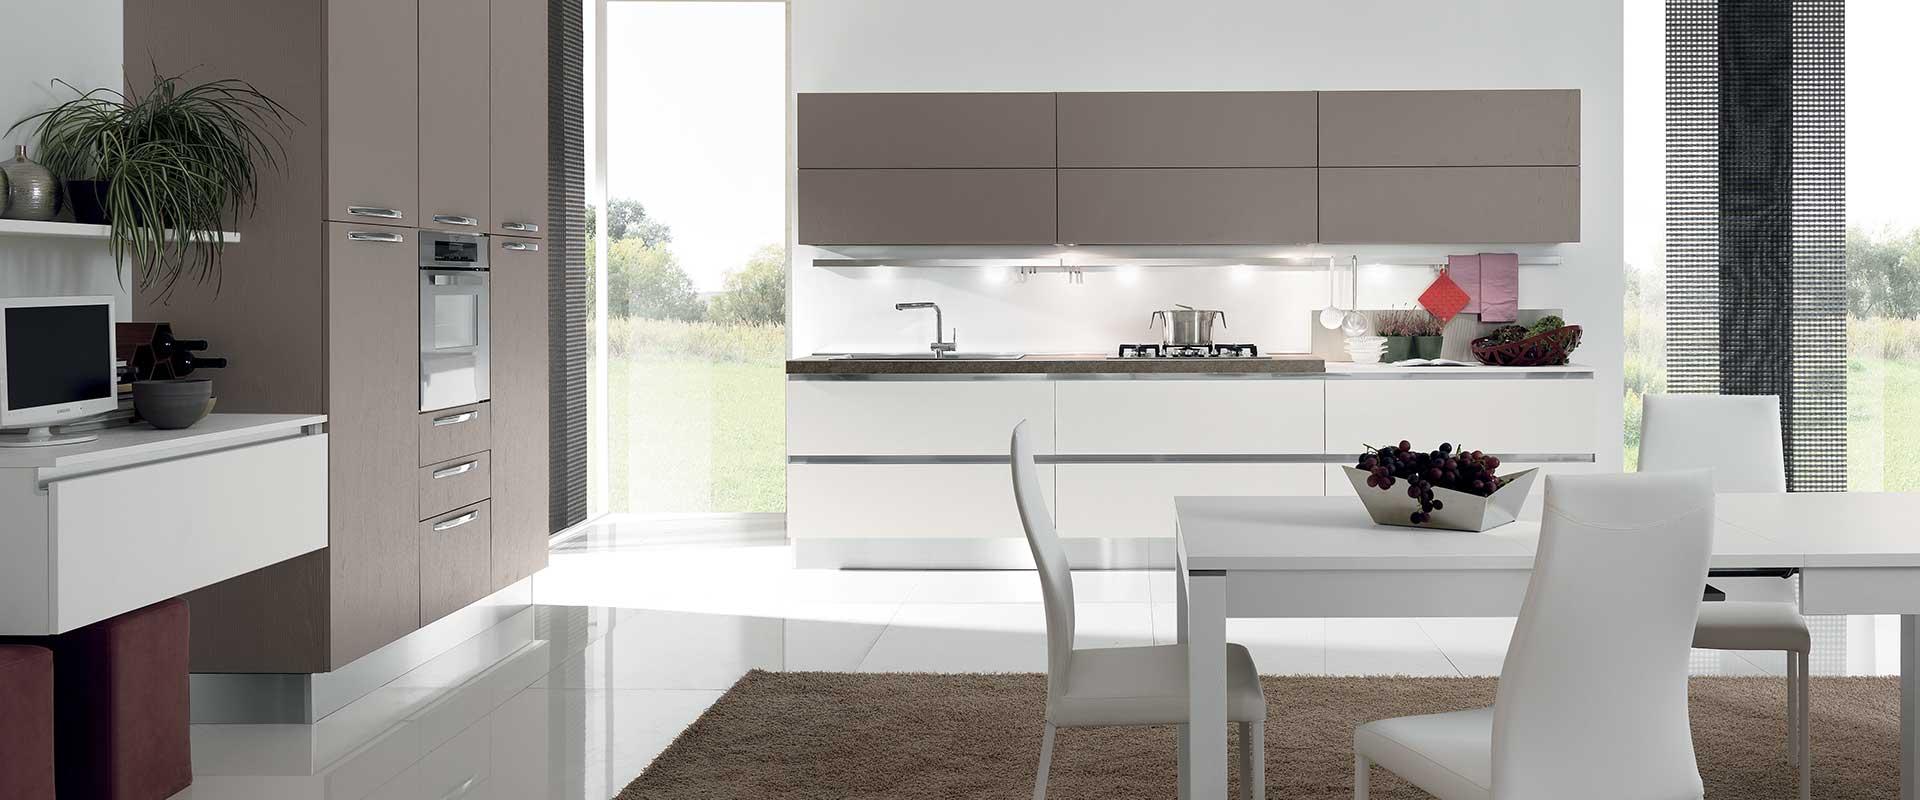 Cucine Modern & Design